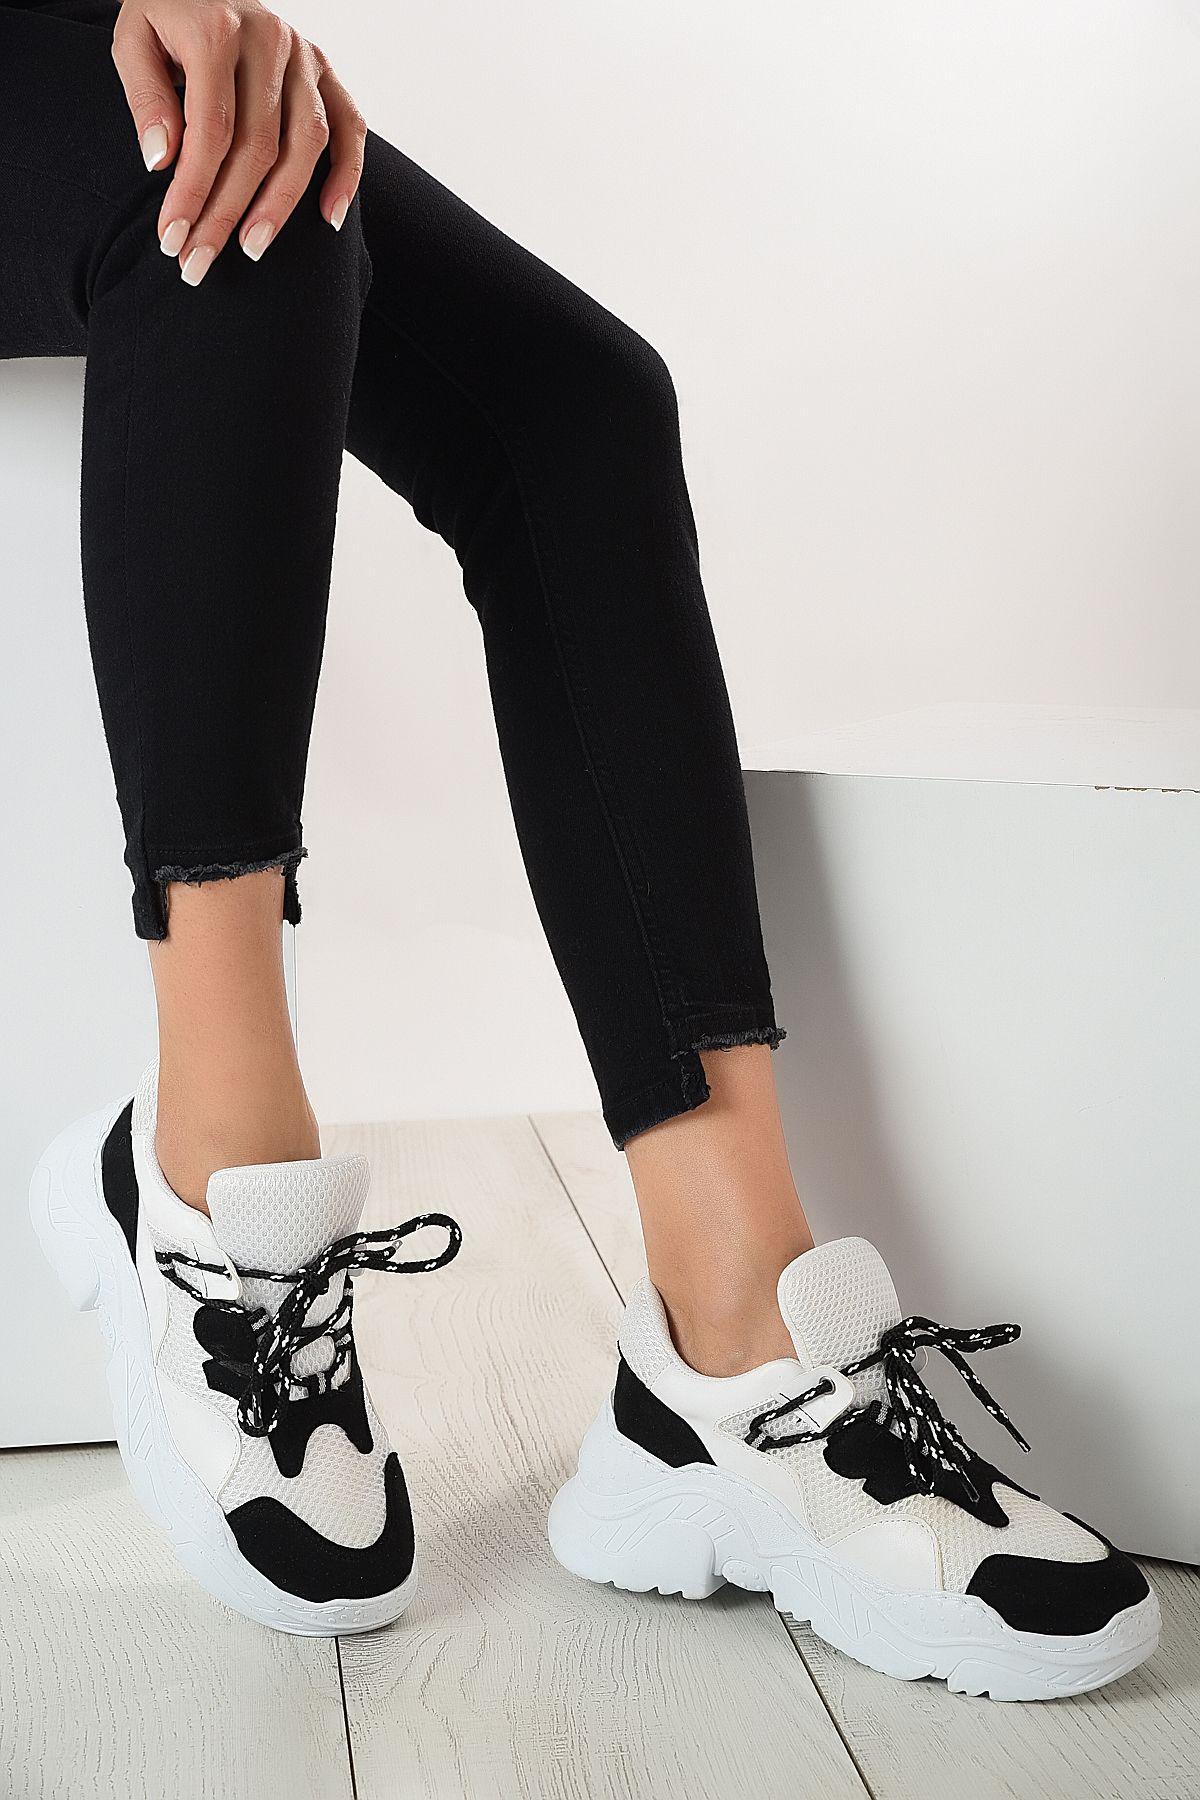 681b562cc78f6 Kadın 2019 Yaz Ayakkabı Modelleri, Fiyatları, Aynı Gün Kargo - Shoes ...